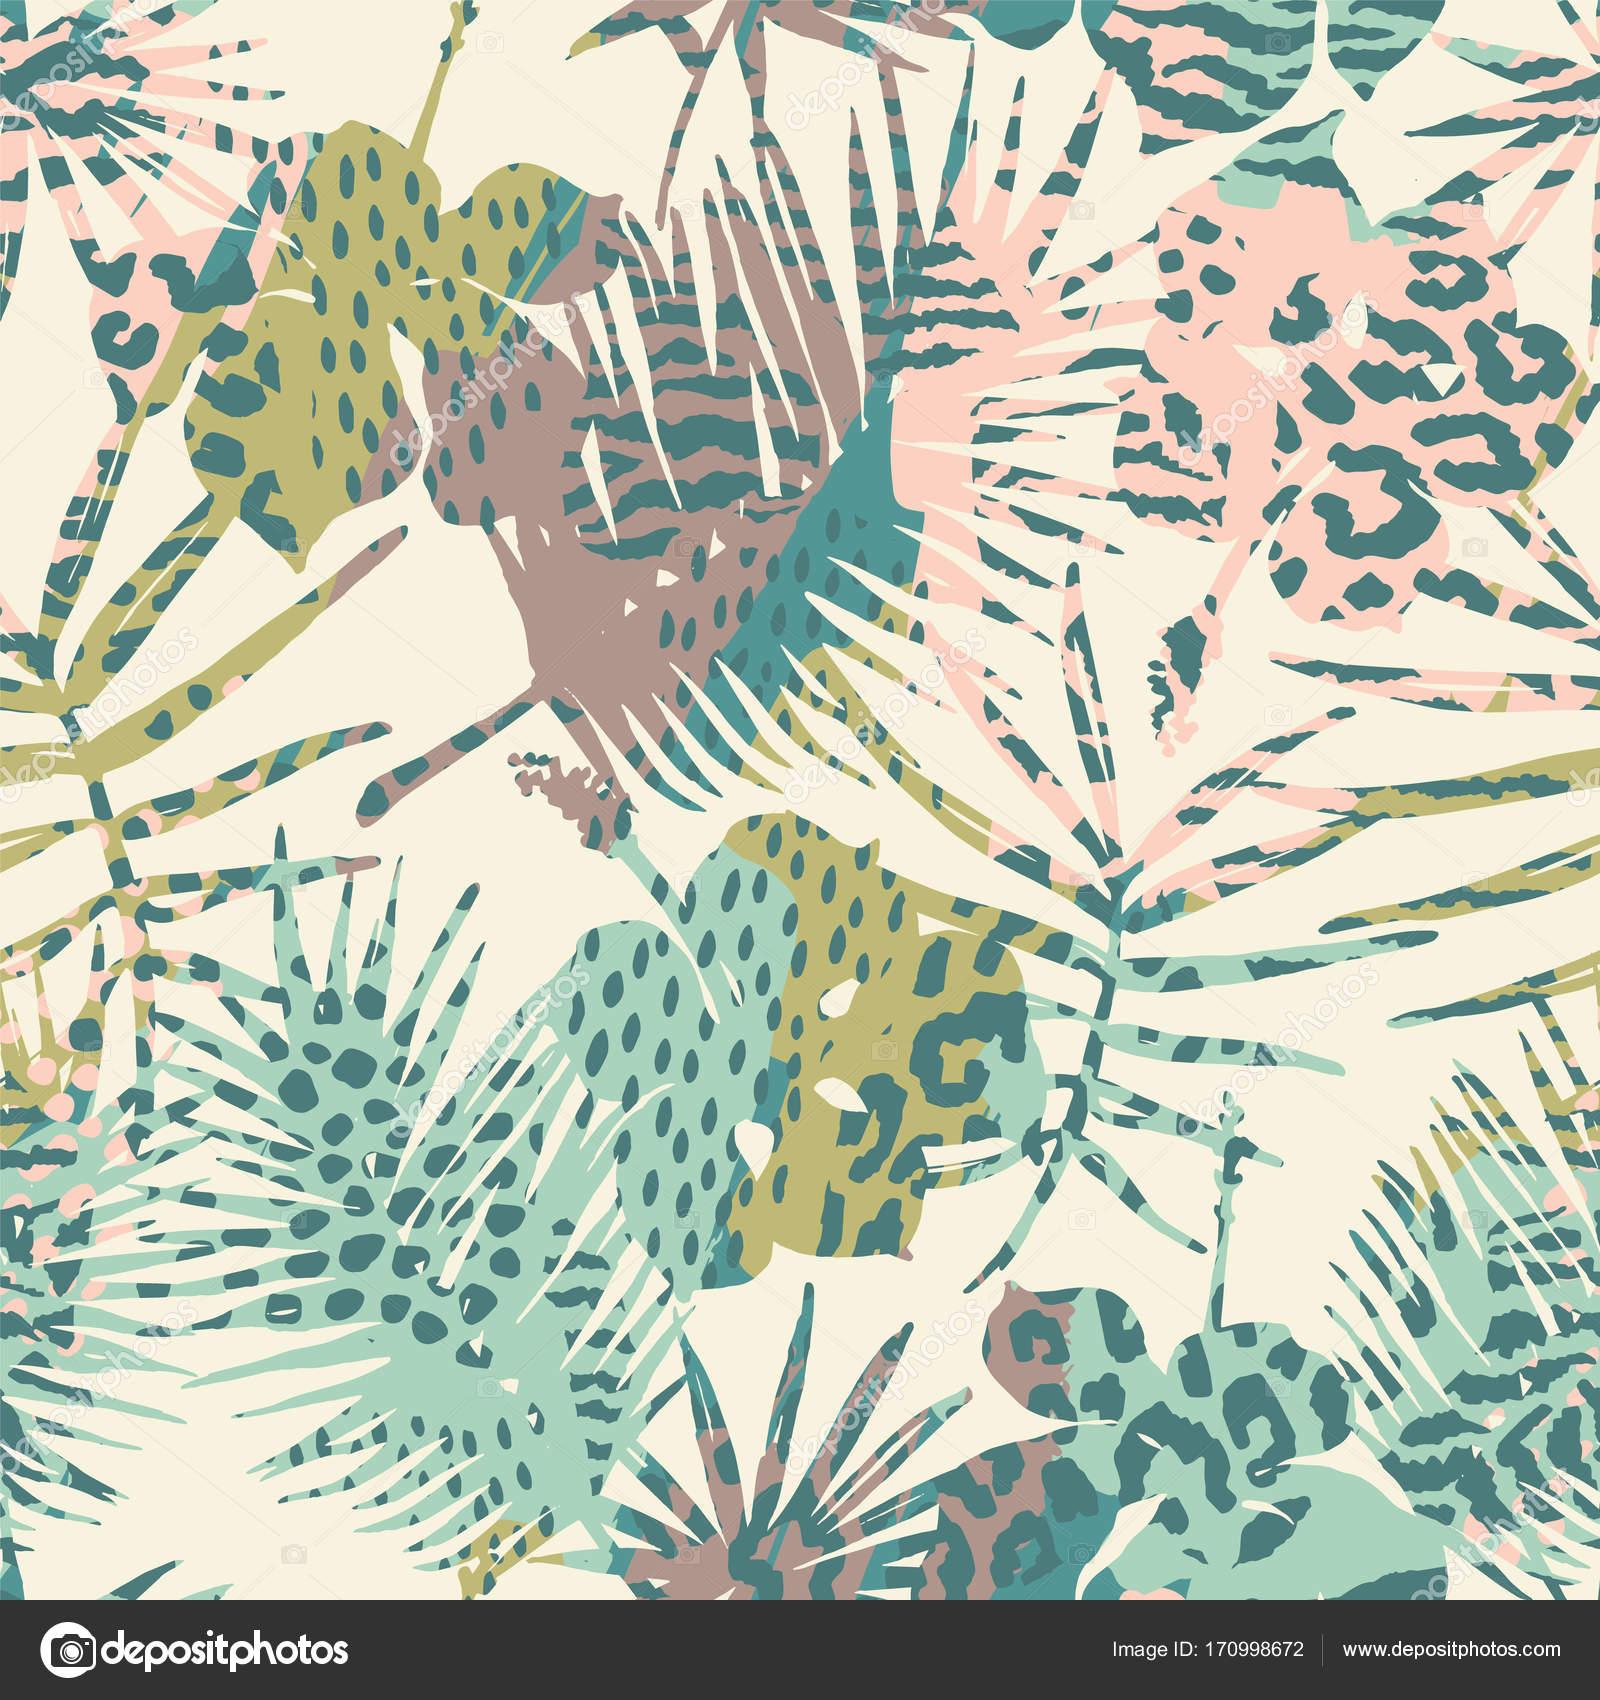 12efe6c663 Moda patrones exóticos sin fisuras con Palma y animal prins — Archivo  Imágenes Vectoriales